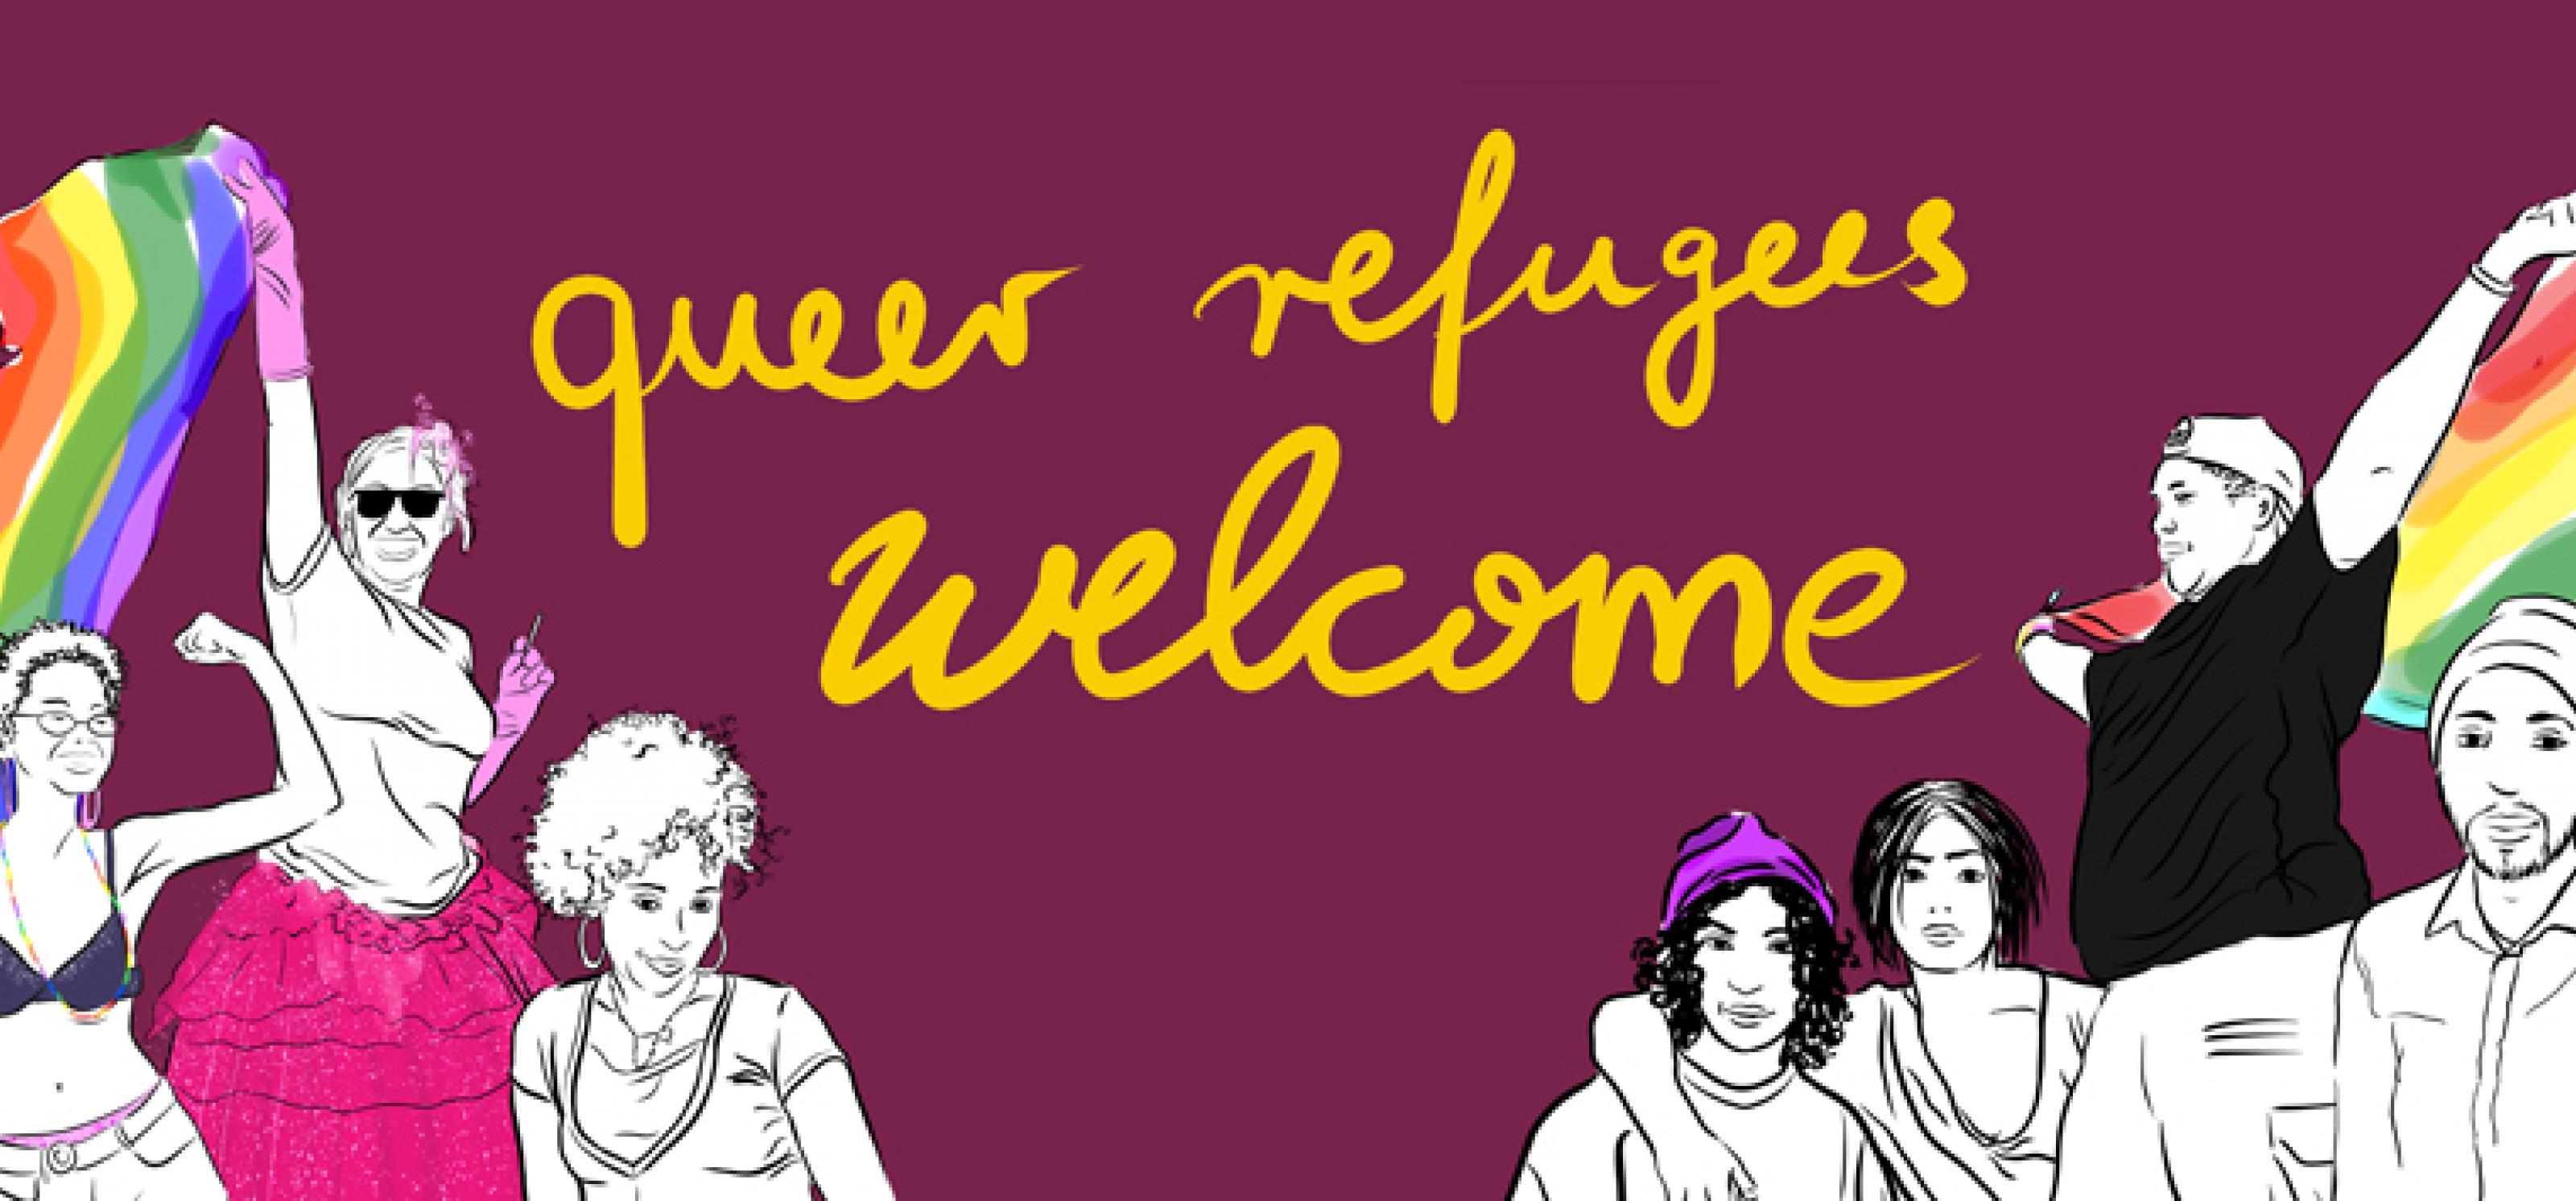 Gezeichnete Personen schwenken Regenbogenfahne auf der Startseite von queerrefugeeswelcome.de